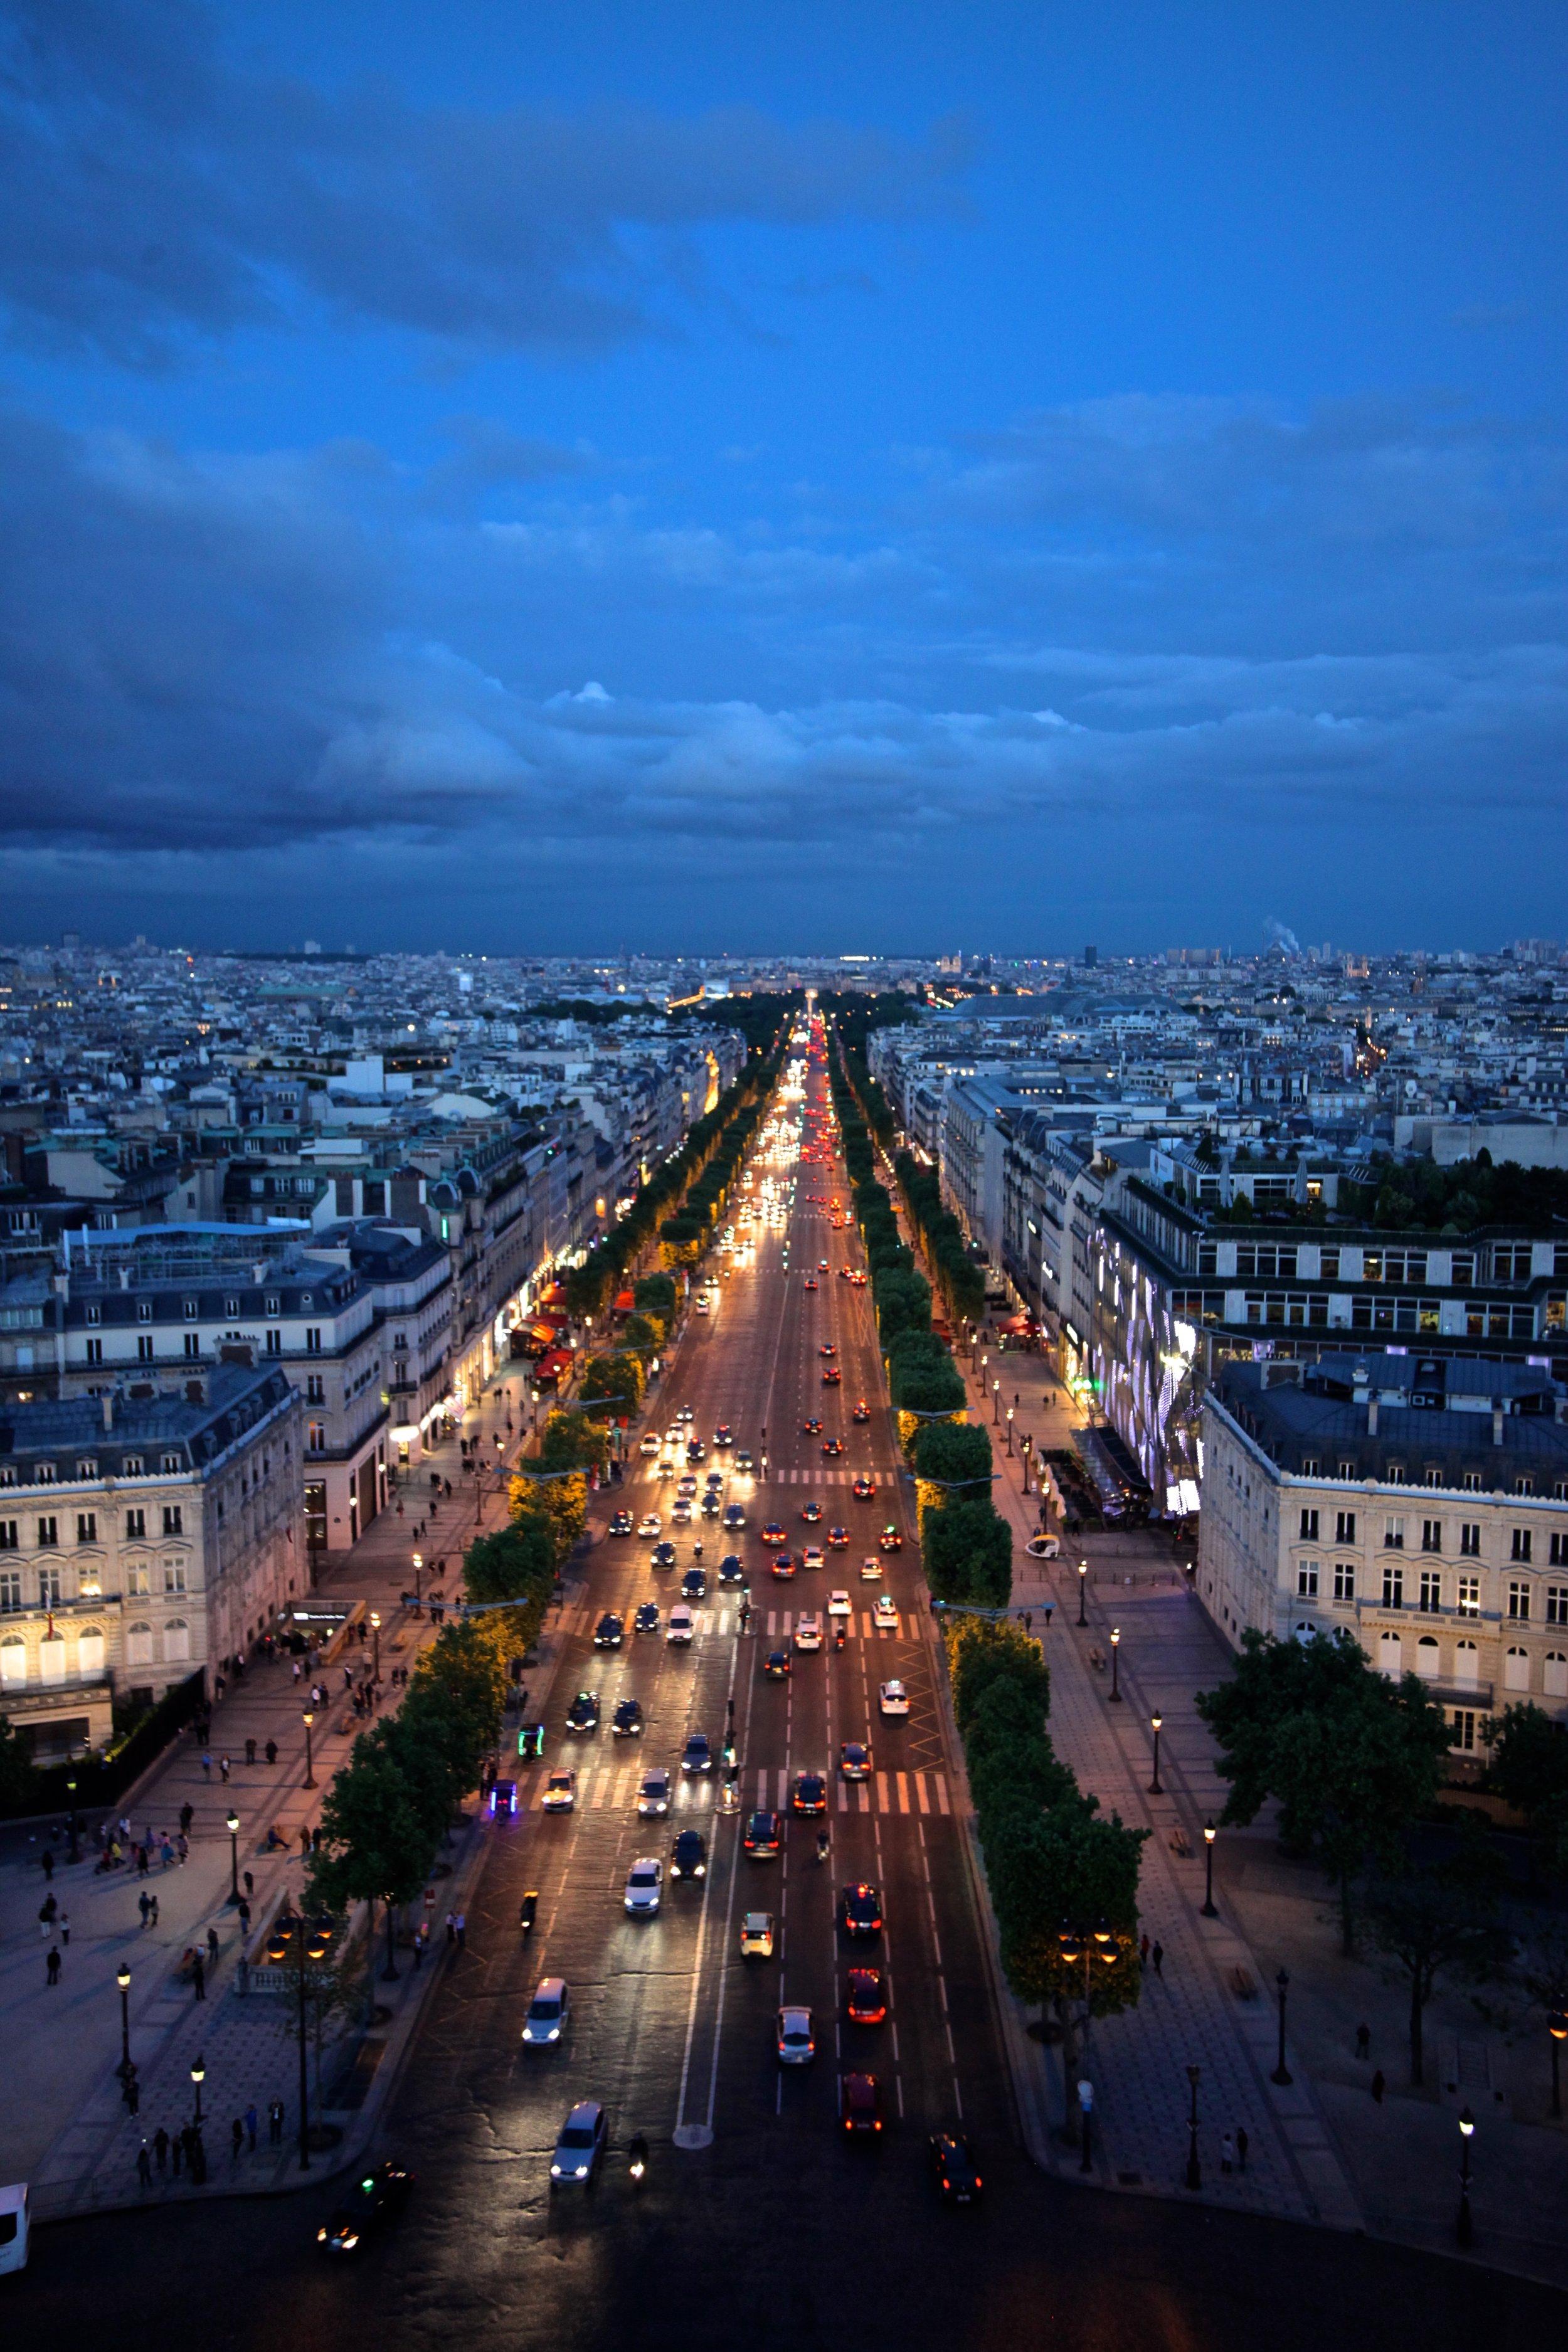 Champs D'ylsee -Pizza Pino   31-33 Av. des Champs-Élysées, 75008 Paris, France